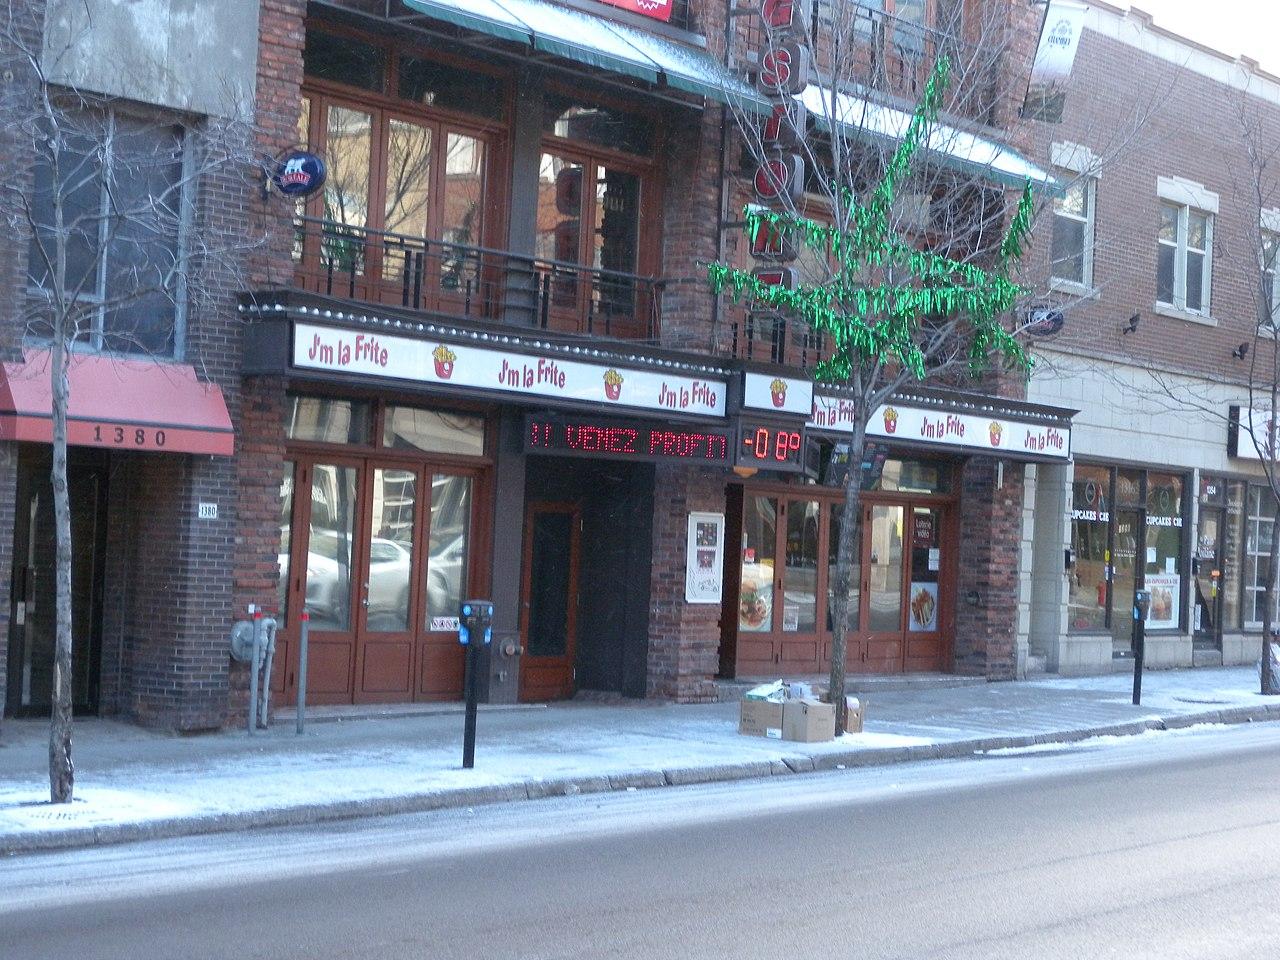 montreal Gay village hotel